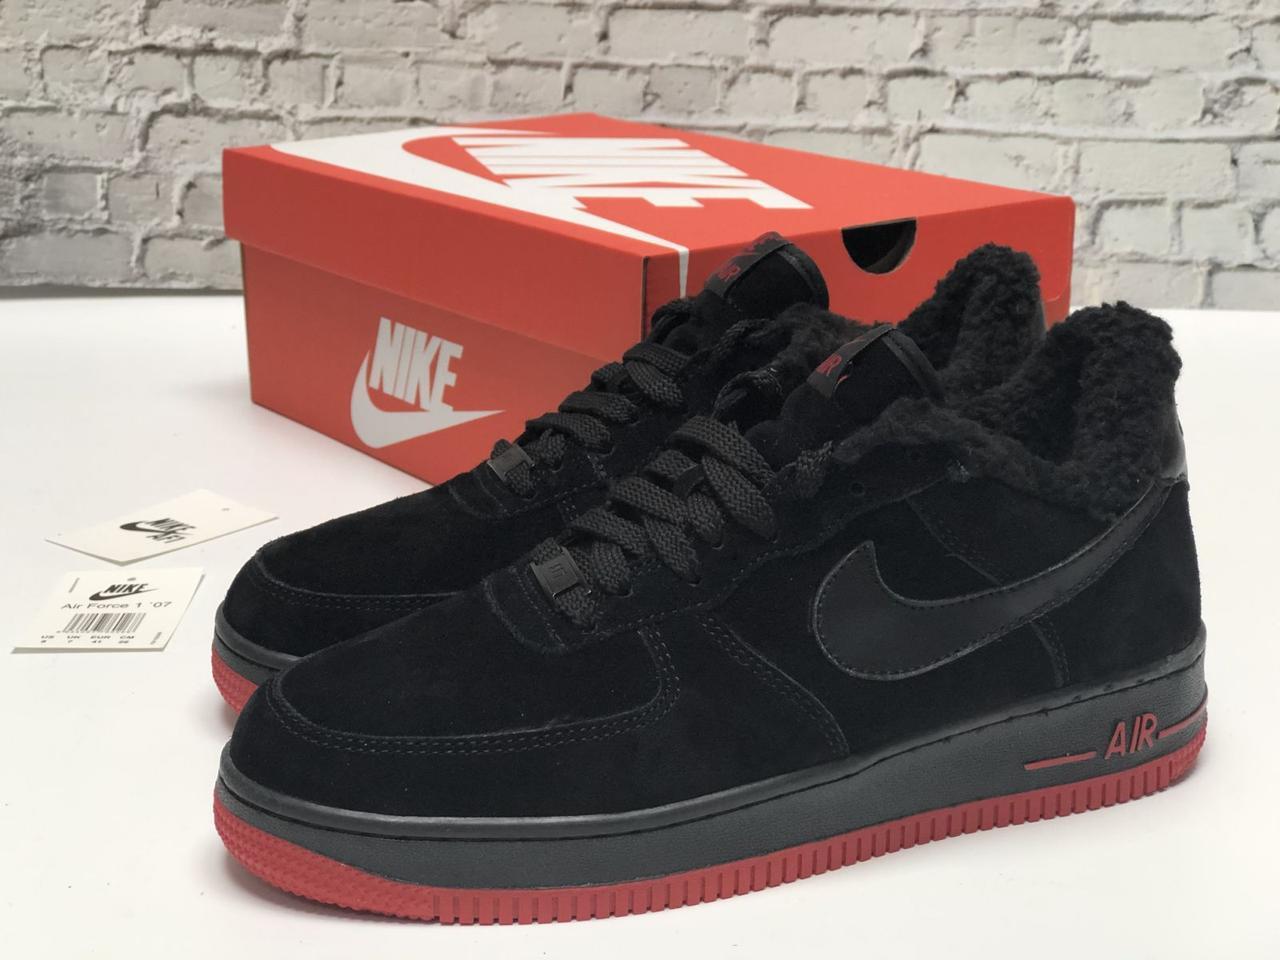 Зимние мужские кроссовки Nike Air Force Black red с мехом. ТОП Реплика ААА класса.